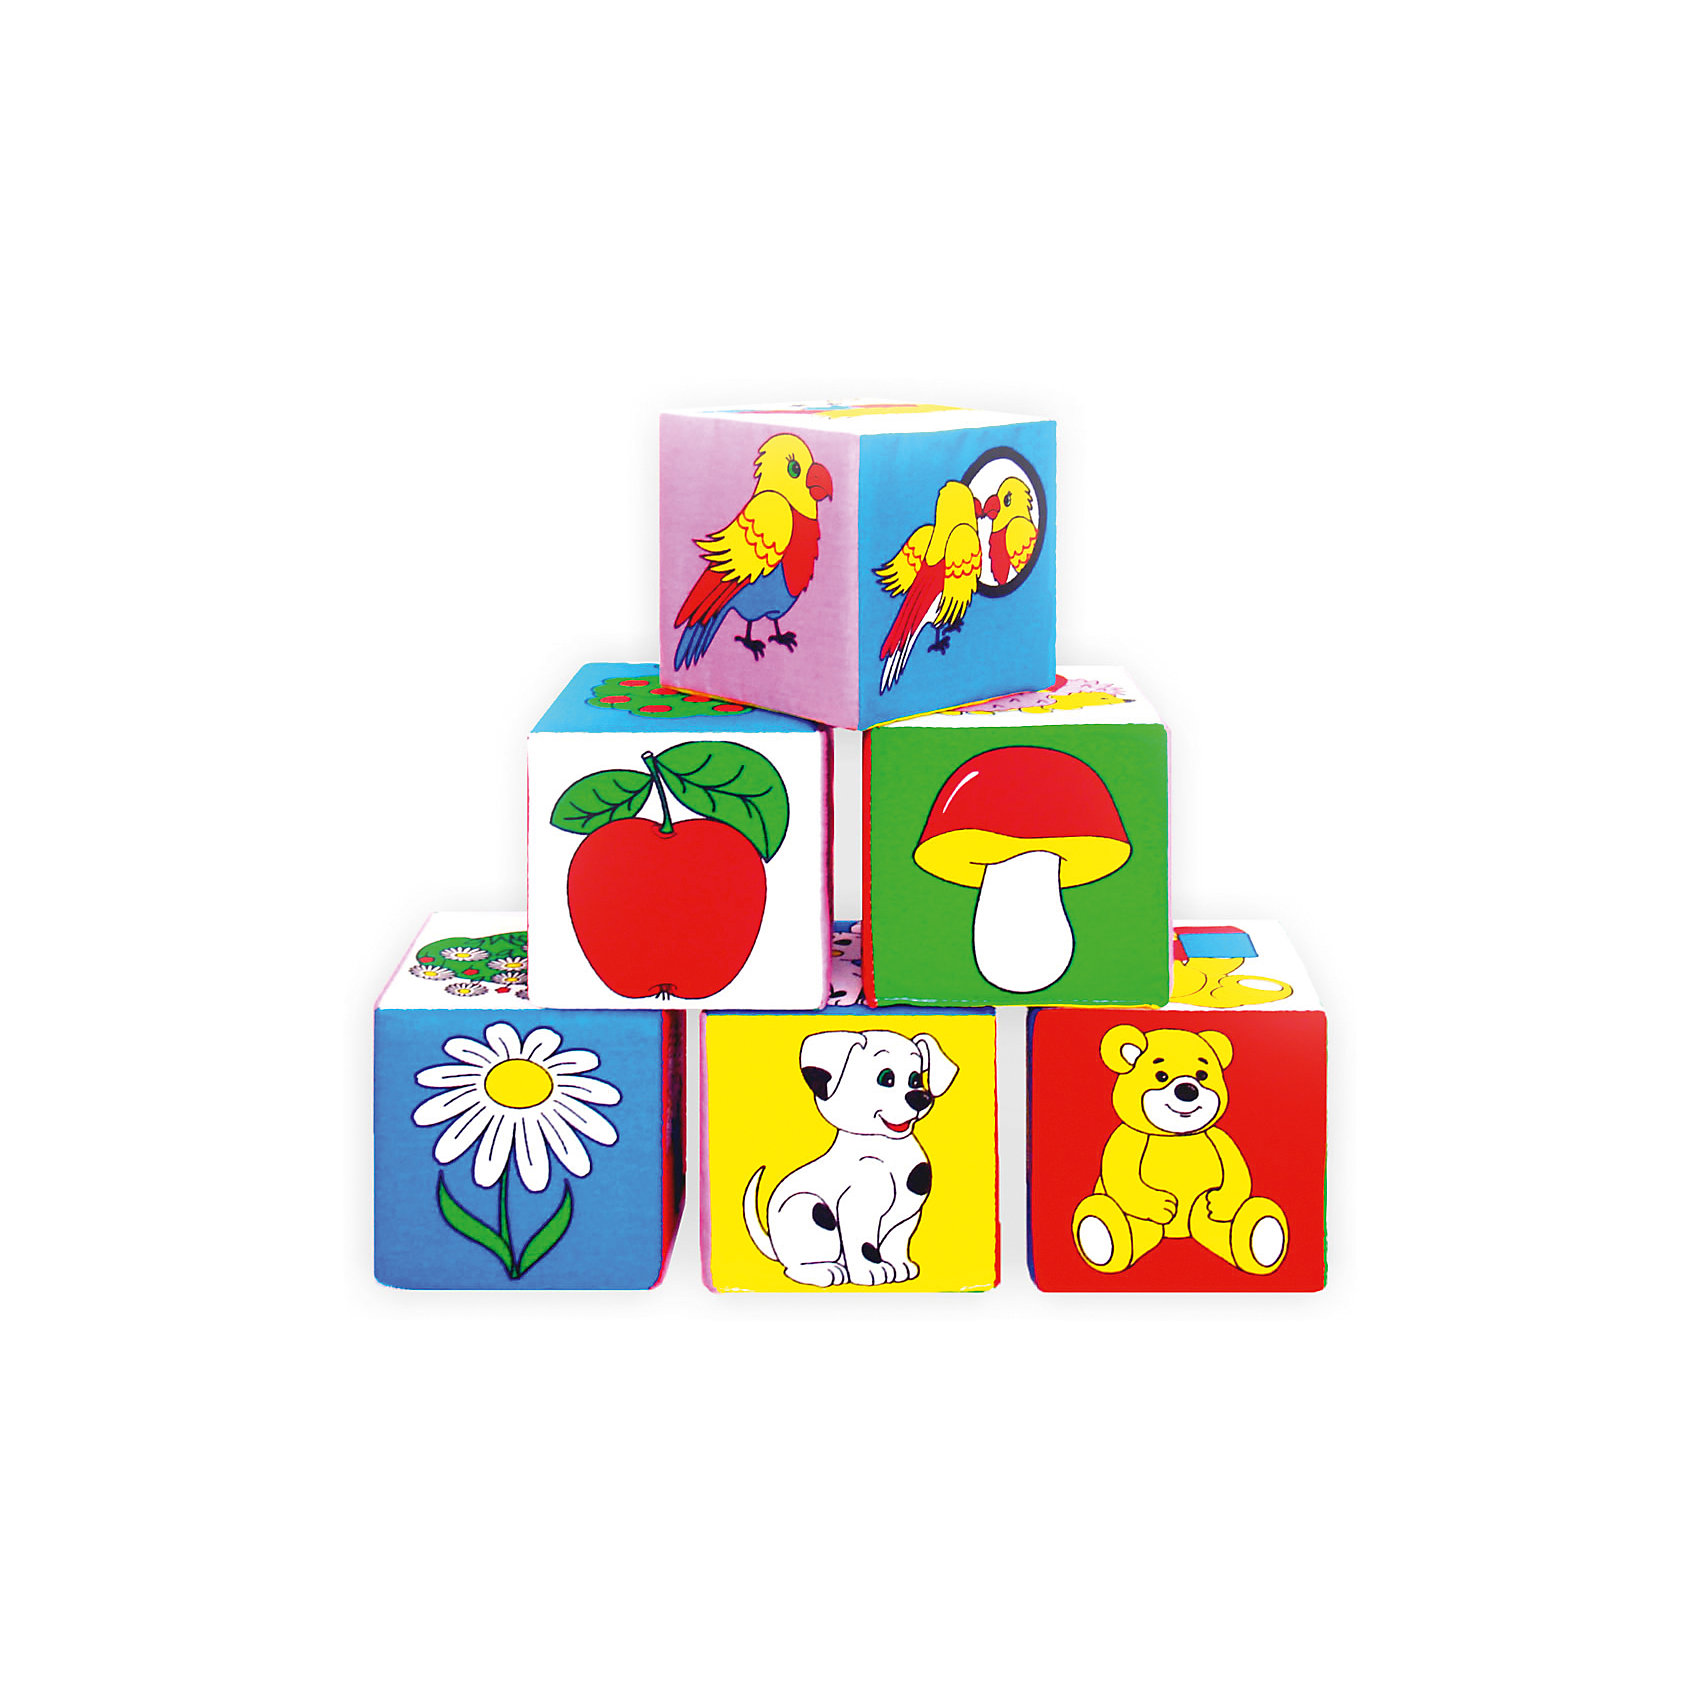 Кубики Предметы, МякишиМягкие игрушки<br>Характеристики товара:<br><br>• материал: хлопок, поролон<br>• комплектация: 6 шт<br>• размер кубика: 10х10х10 см<br>• размер упаковки: 31x23x11 см<br>• развивающая игрушка<br>• упаковка: пакет<br>• вес: 195 г<br>• страна бренда: РФ<br>• страна изготовитель: РФ<br><br>Малыши активно познают мир и тянутся к новой информации. Чтобы сделать процесс изучения окружающего пространства интереснее, ребенку можно подарить развивающие игрушки. В процессе игры информация усваивается намного лучше!<br>Такие кубики помогут занять малыша, играть ими приятно и весело. Одновременно они позволят познакомиться со многими предметами, которые ребенку предстоит встретить. Такие игрушки развивают тактильные ощущения, моторику, цветовосприятие, логику, воображение, учат фокусировать внимание. Каждое изделие абсолютно безопасно – оно создано из качественной ткани с мягким наполнителем. Игрушки производятся из качественных и проверенных материалов, которые безопасны для детей.<br><br>Кубики Предметы от бренда Мякиши можно купить в нашем интернет-магазине.<br><br>Ширина мм: 200<br>Глубина мм: 100<br>Высота мм: 300<br>Вес г: 80<br>Возраст от месяцев: 12<br>Возраст до месяцев: 36<br>Пол: Унисекс<br>Возраст: Детский<br>SKU: 5183157